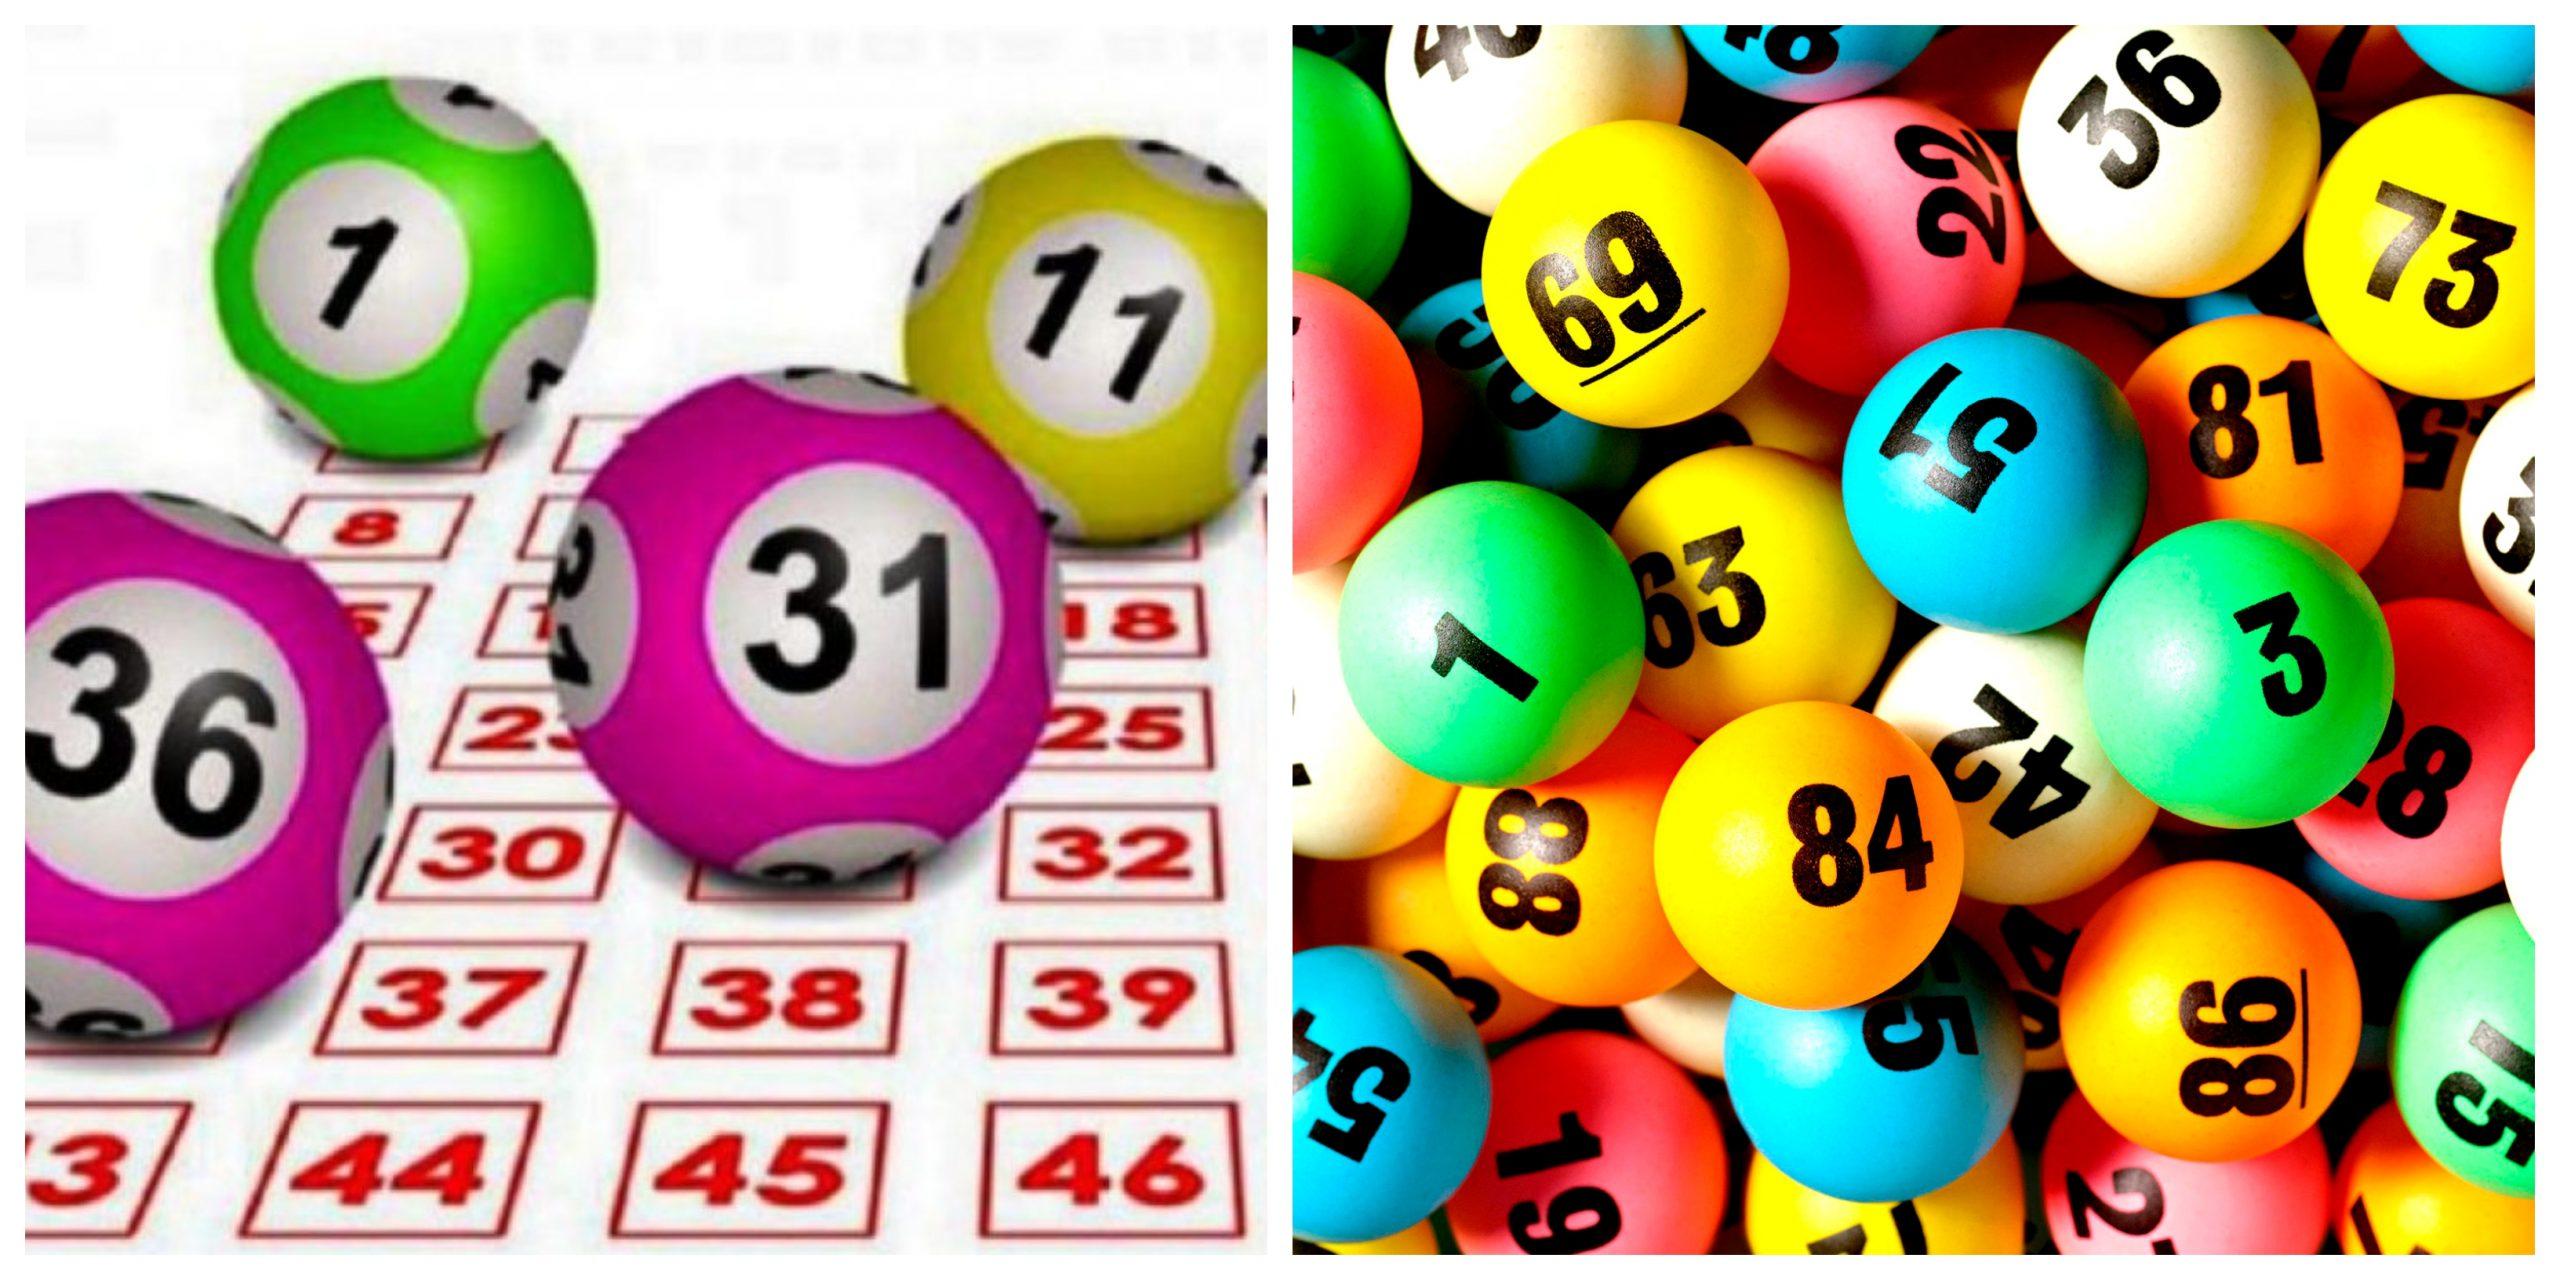 Loto 11 octombrie 2020. Numere extrase la 6/49, Noroc, Joker, Noroc Plus, Loto 5/40 și Super Noroc